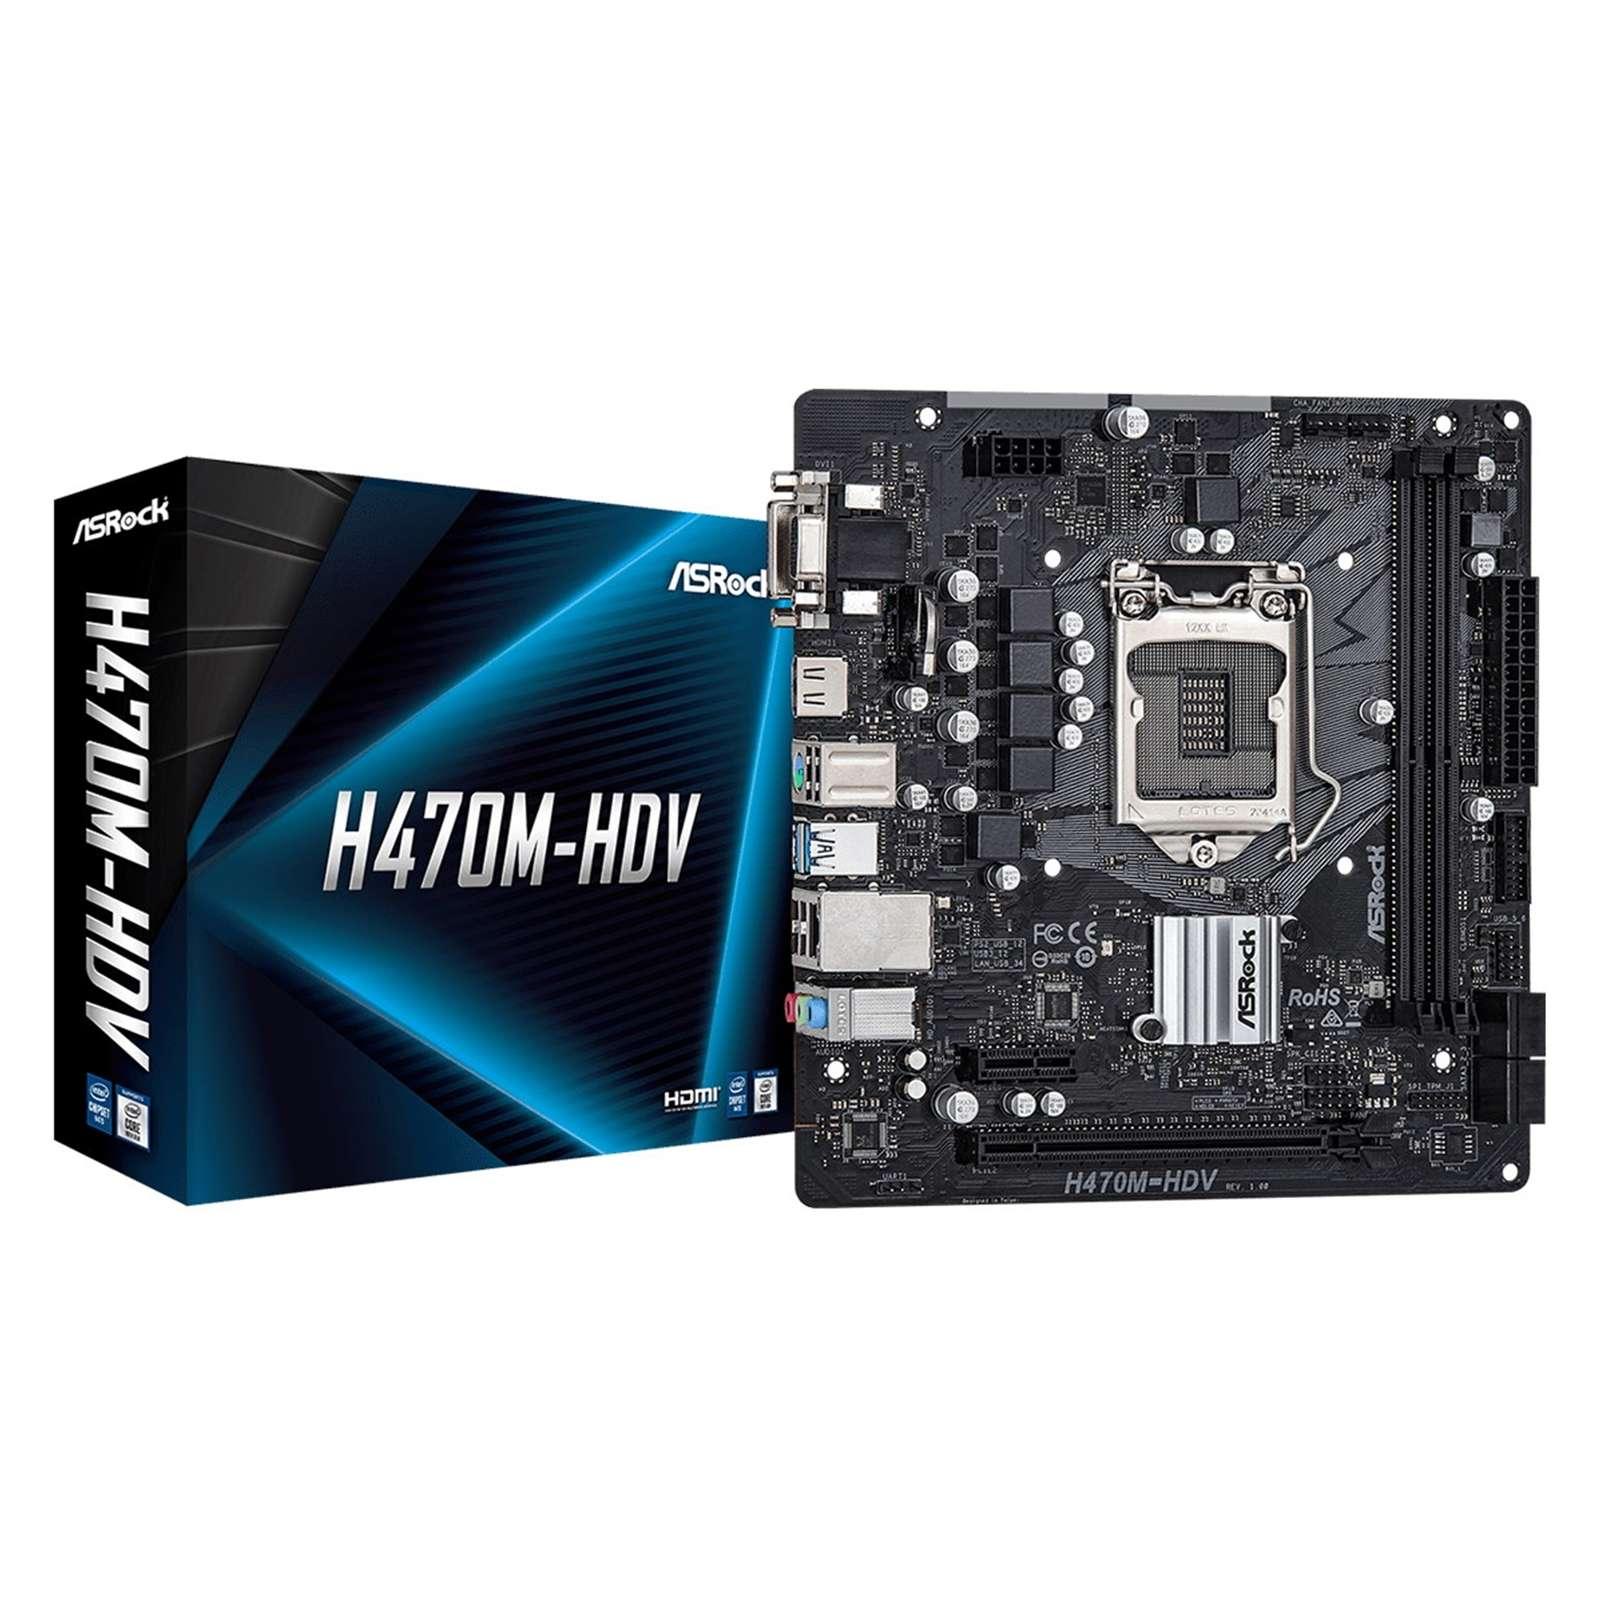 ASRock H470M-HDV Intel Socket 1200 Micro ATX DDR4 VGA/HDMI/DVI USB 3.2 Gen1 Motherboard